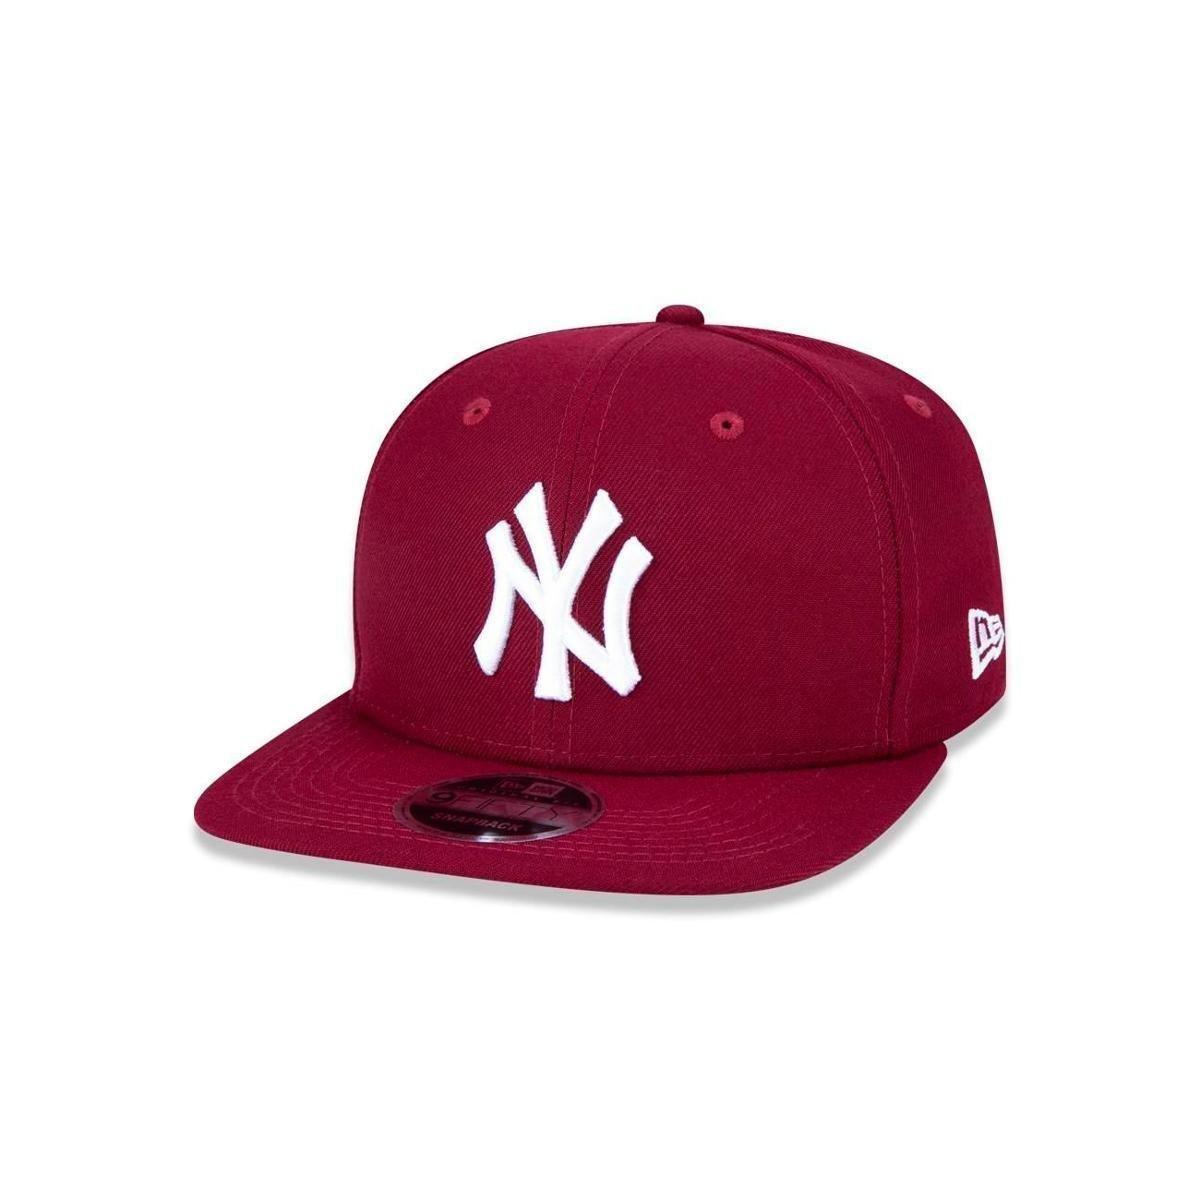 a5793d9d6aa63 Bone 950 Original Fit New York Yankees MLB New Era - Vinho - Compre Agora